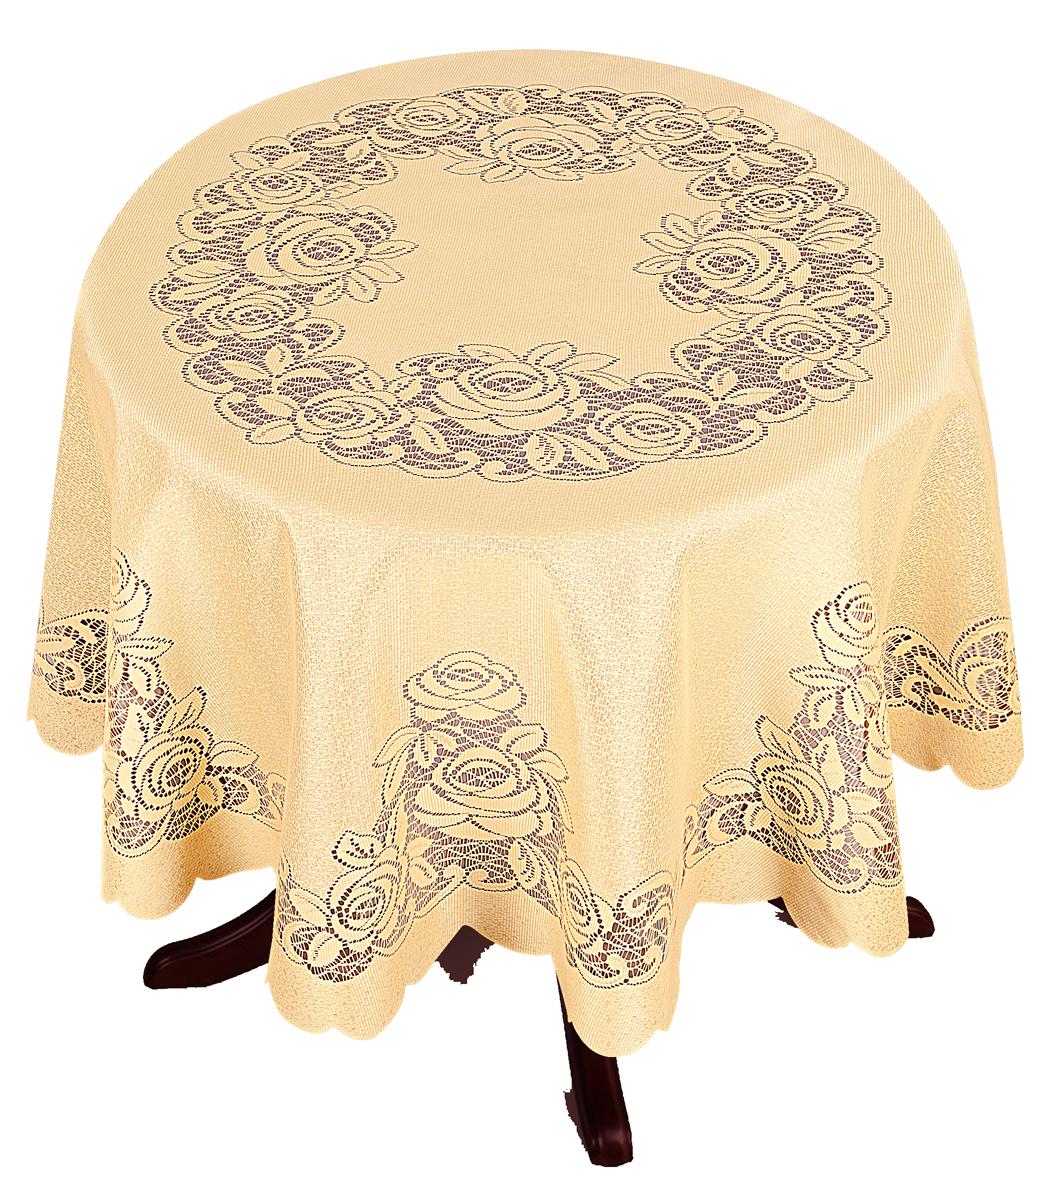 """Великолепная скатерть """"Zlata Korunka"""", выполненная из  полиэстера, органично впишется в  интерьер любого помещения, а оригинальный дизайн  удовлетворит даже самый изысканный вкус. Она создаст  праздничное настроение и станет прекрасным дополнением  интерьера гостиной, кухни или столовой."""